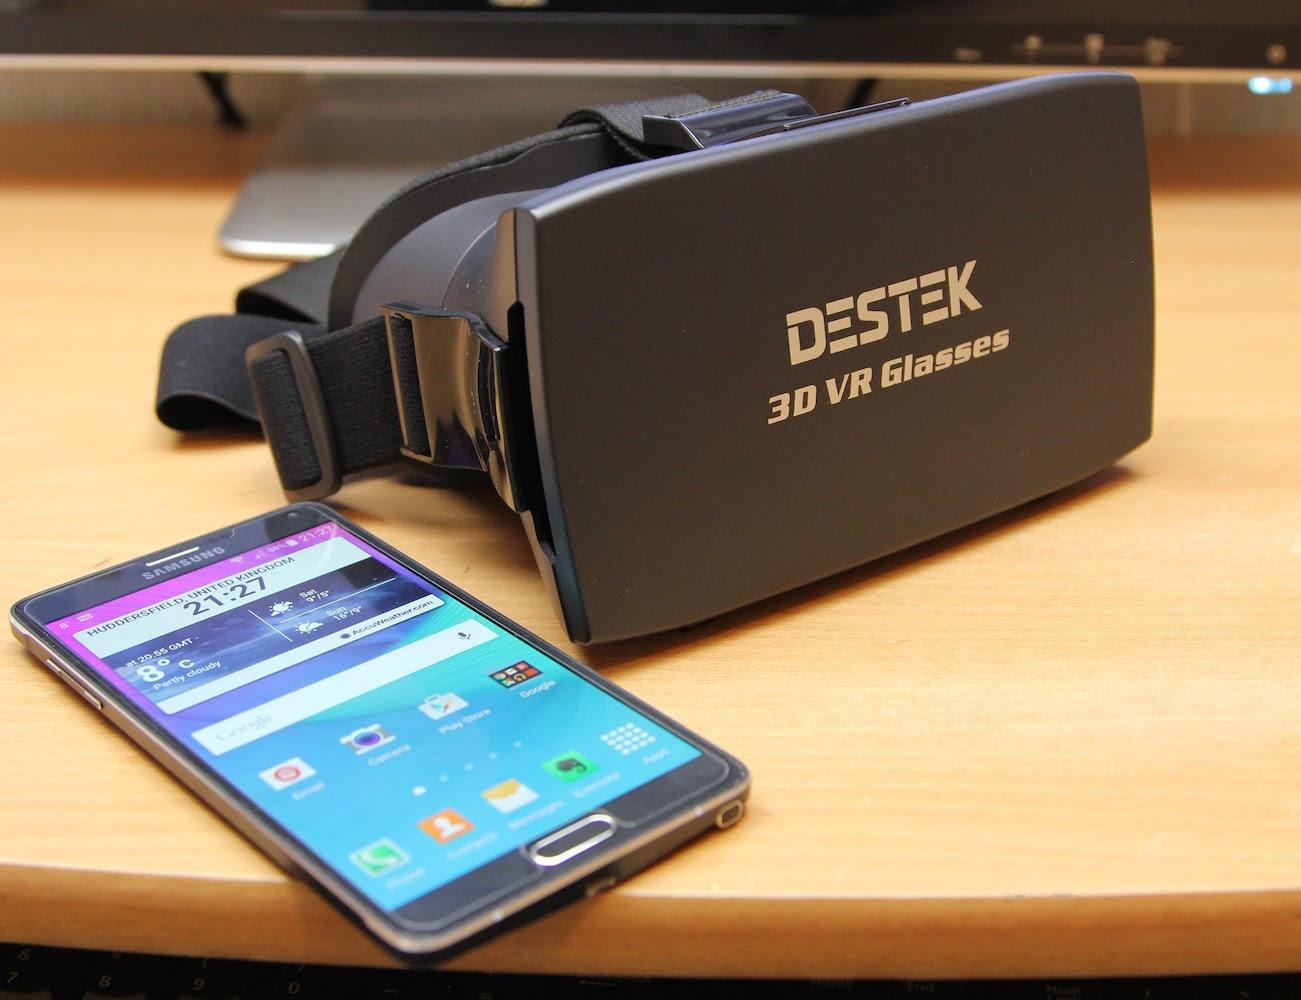 3D VR Virtual Reality Headset by DESTEK